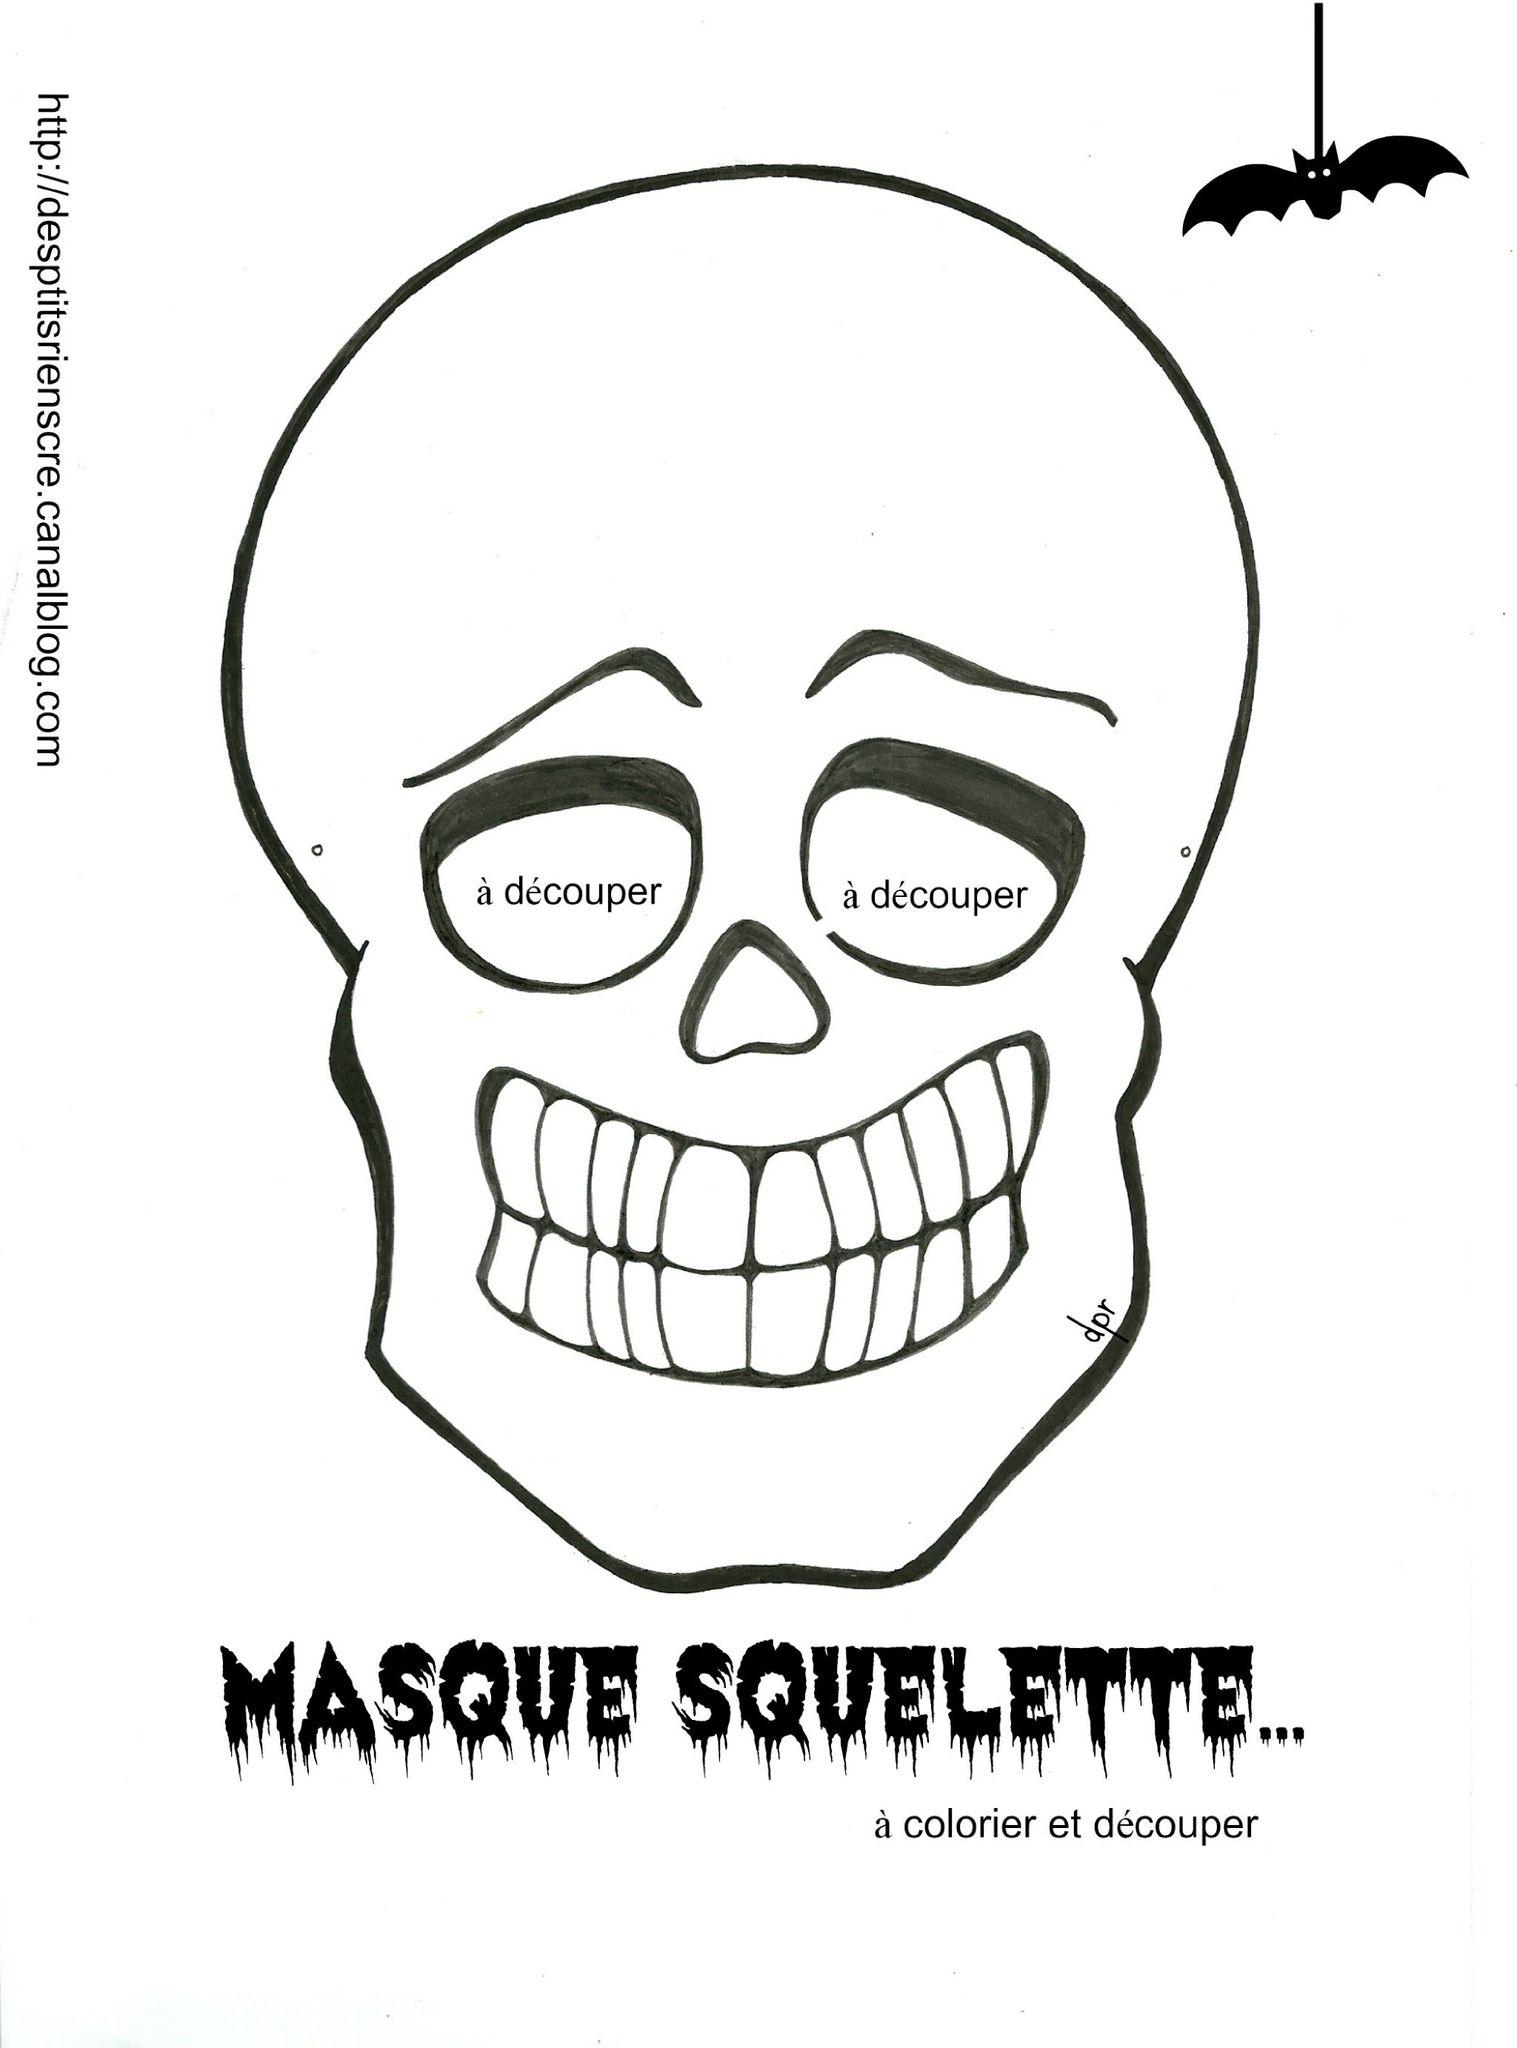 Pour Vos P'tites Crapules( Coloriage À Imprimer) - Des P tout Squelette A Imprimer